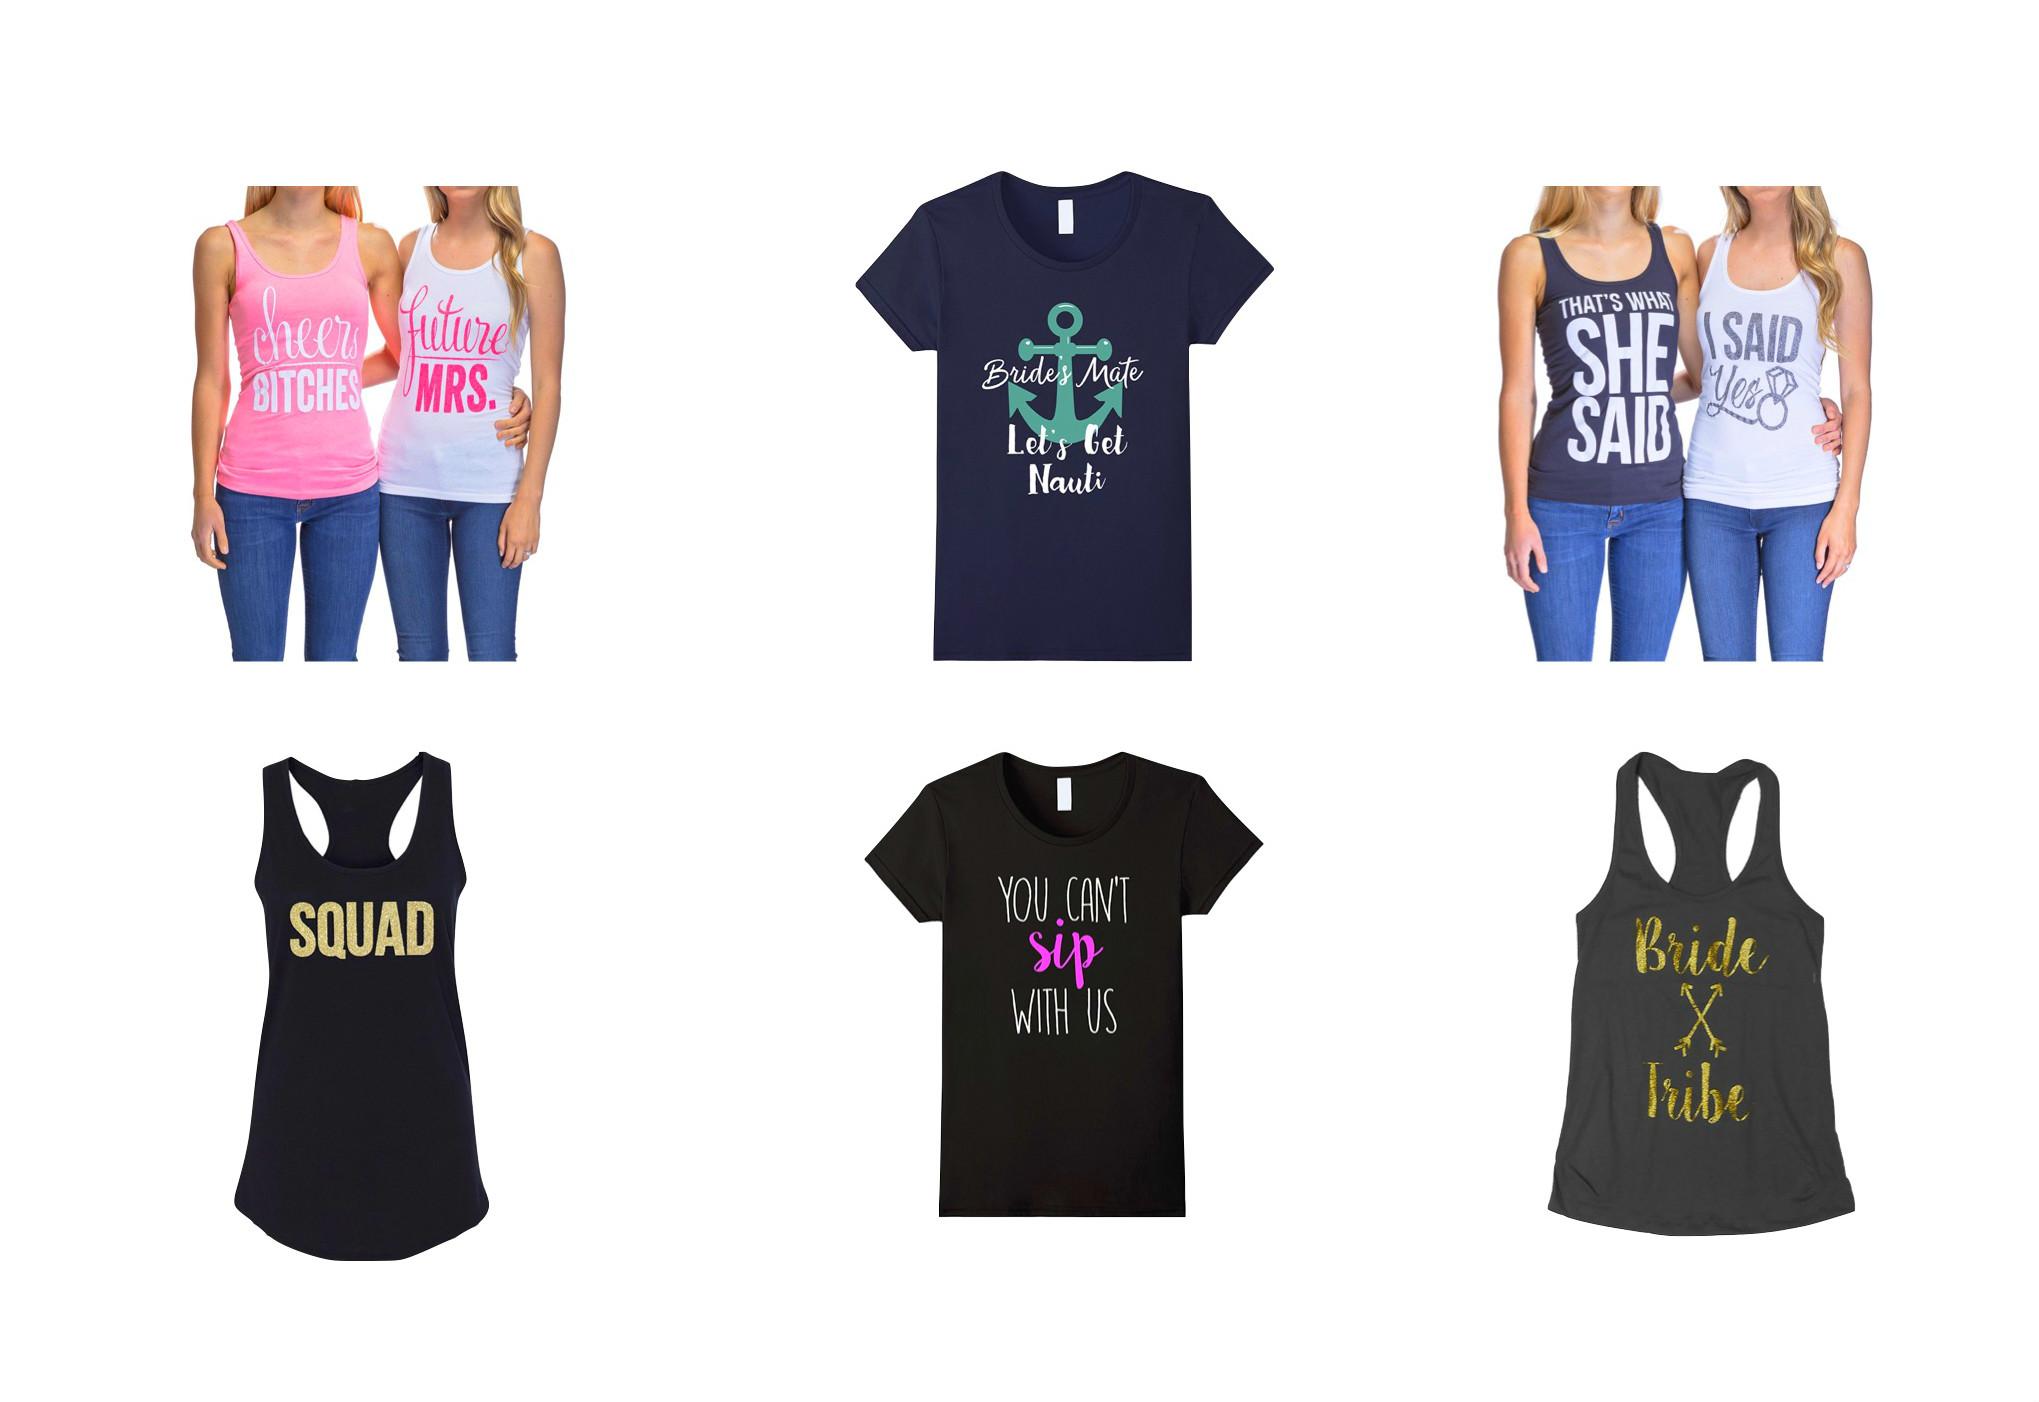 bachelorette party shirts, bachelorette shirts, bridal party shirts, bachelorette t shirts, bridesmaid shirts, bachelorette tank tops